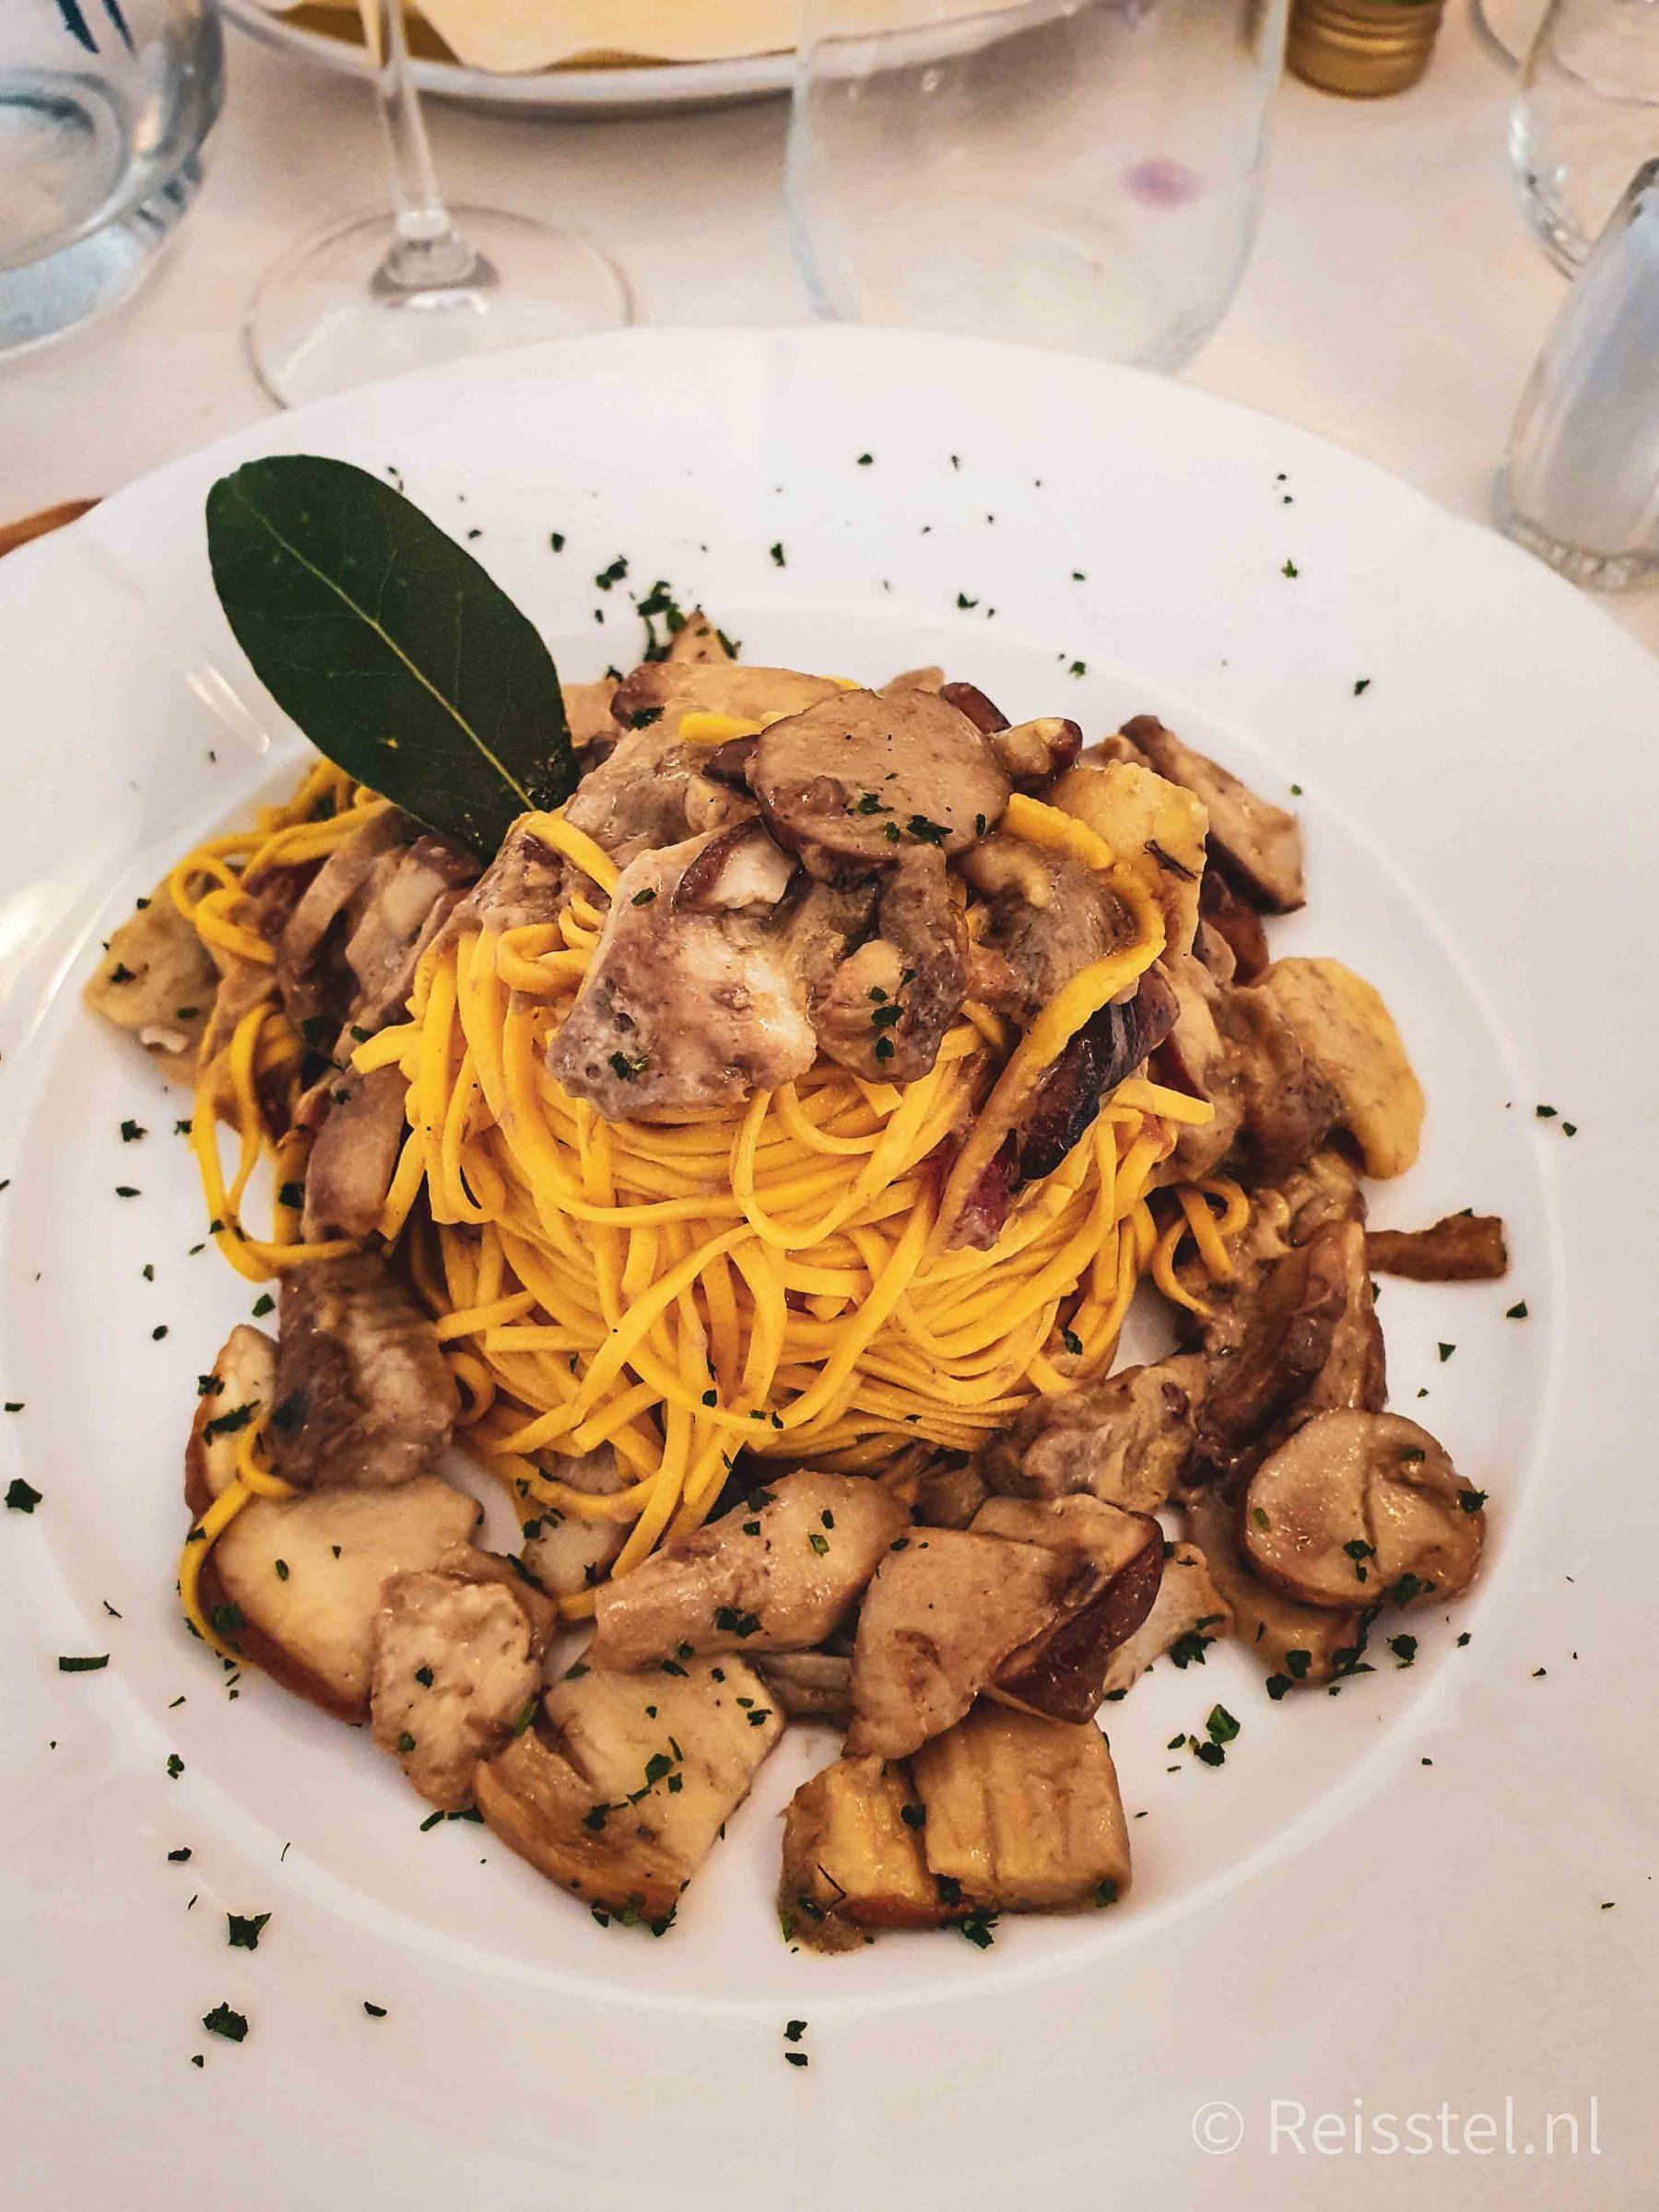 Reisstel.nl | 2 maanden reizen in Italië | slow food Piëmont